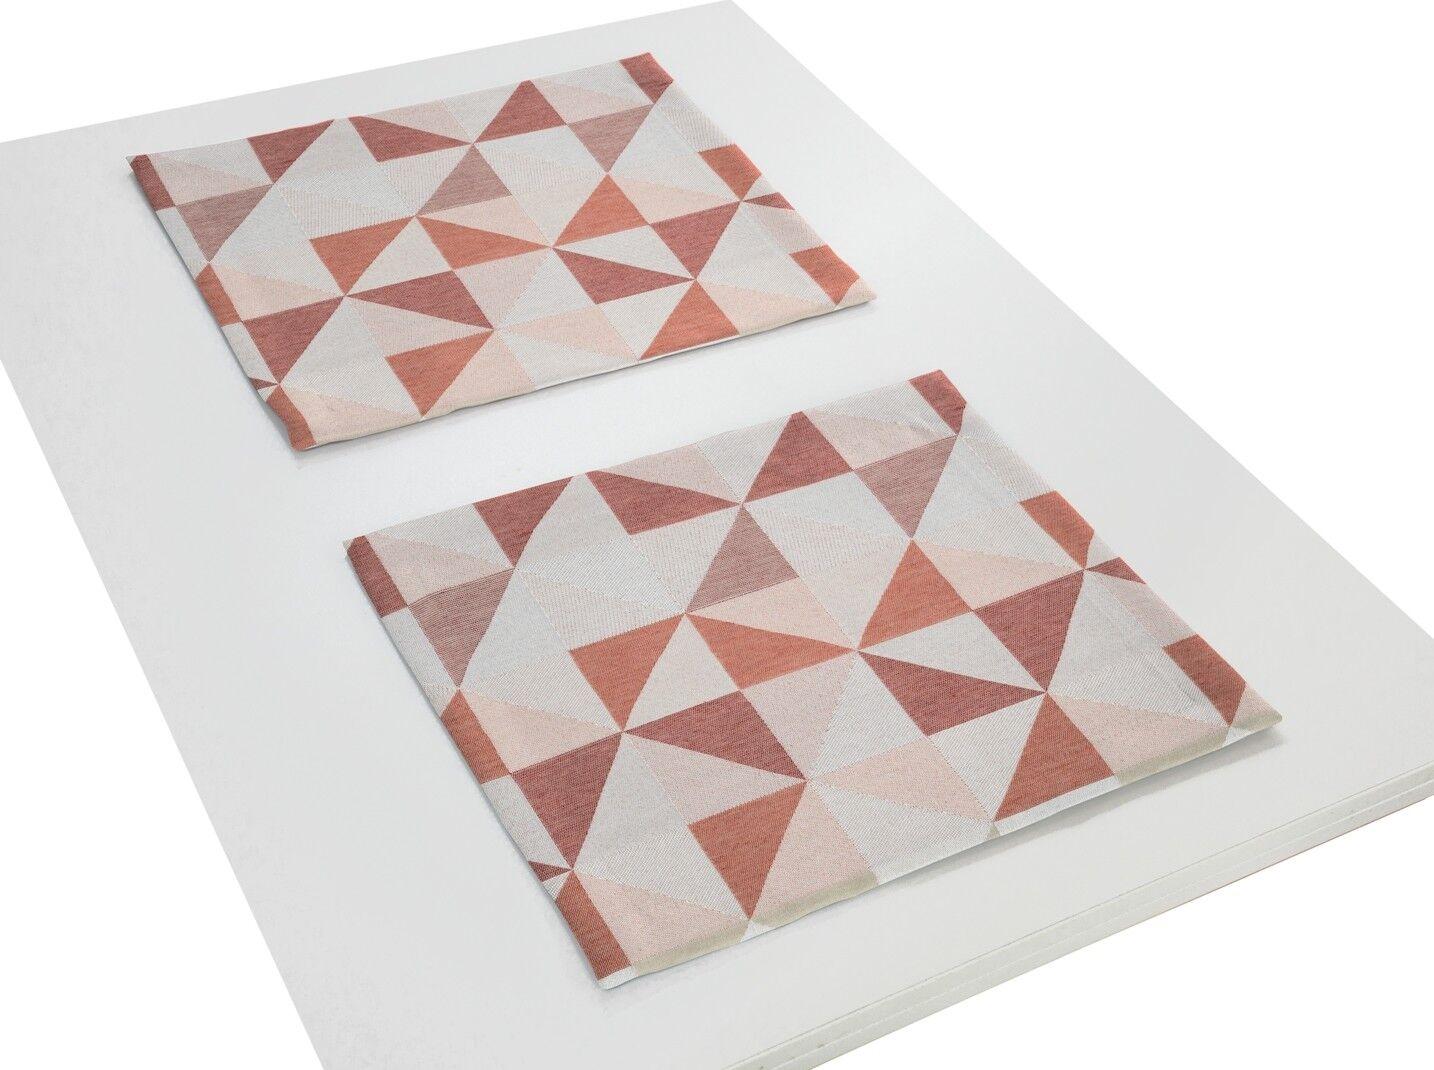 Jacquard Fertigvorhang   Schlaufenschal Berlare Farbe terra 46 46 46   5 Größen | Qualifizierte Herstellung  6af83a